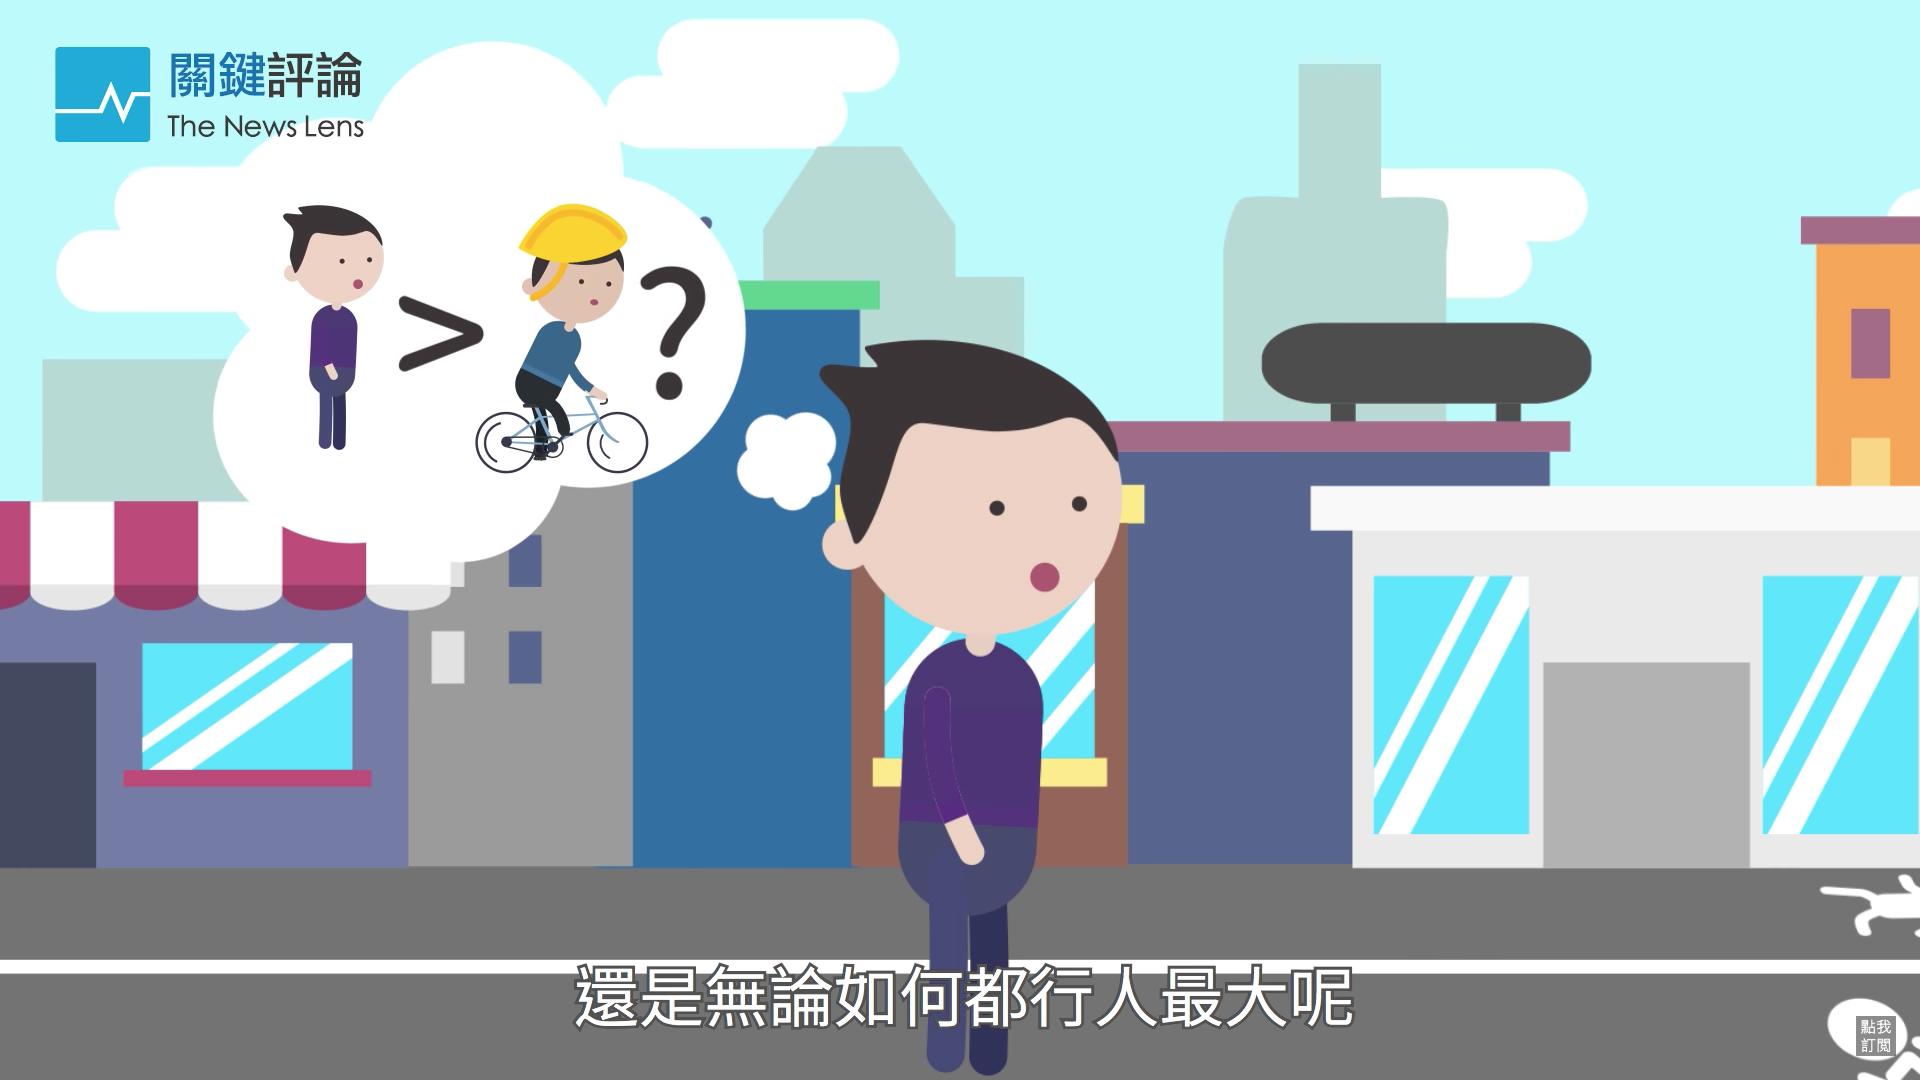 行人vs.單車的路權之爭,有解嗎?